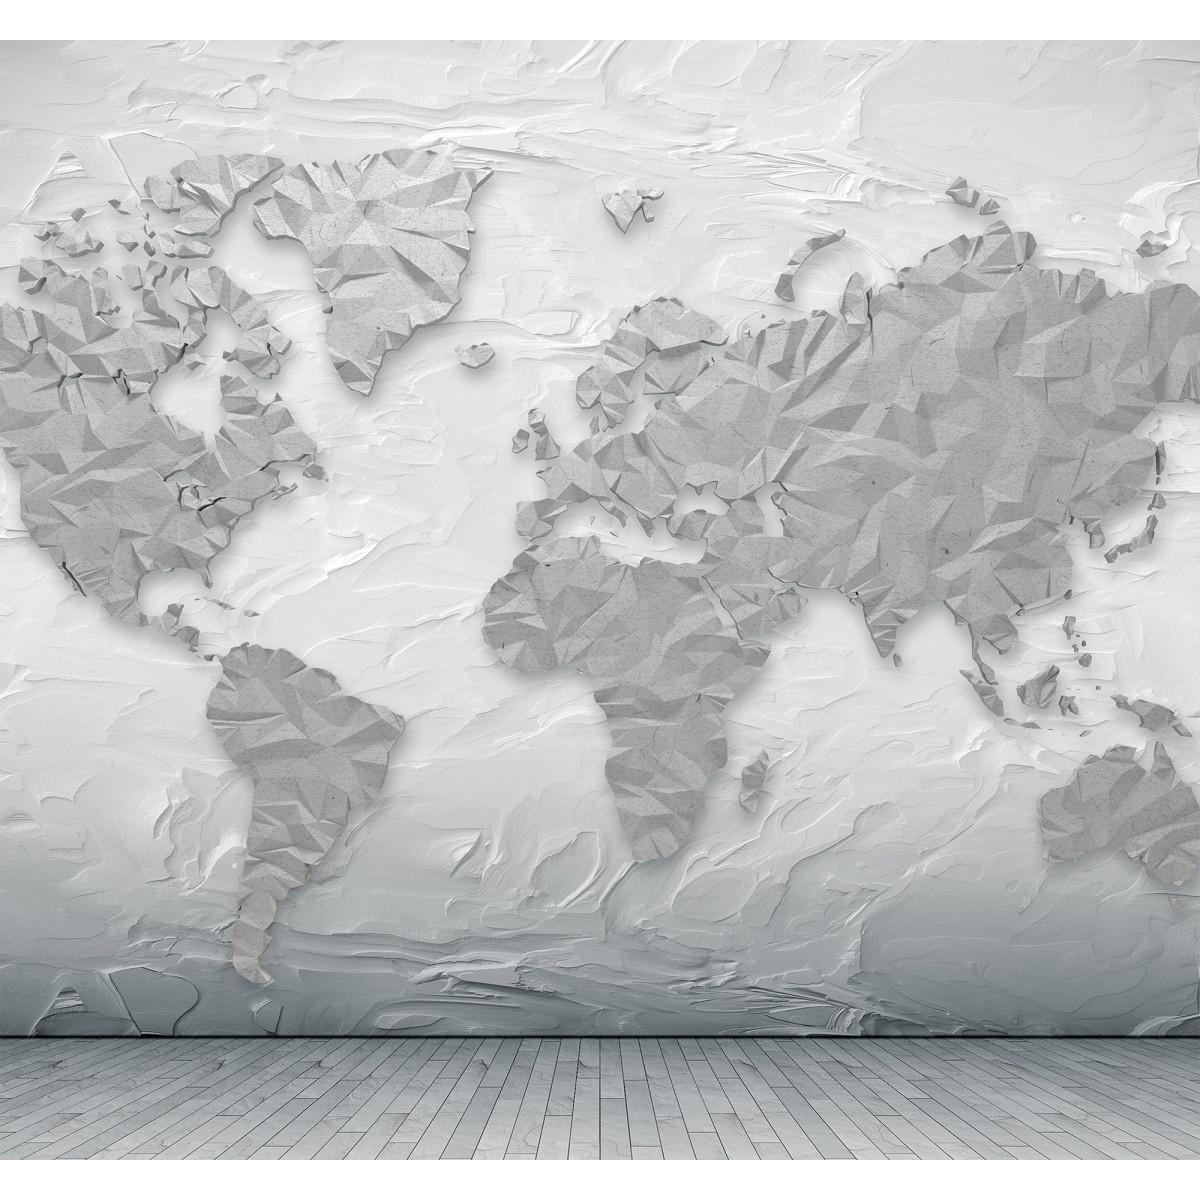 Фотообои 3D Flizart «Объемная карта» флизелиновые 300x280 см